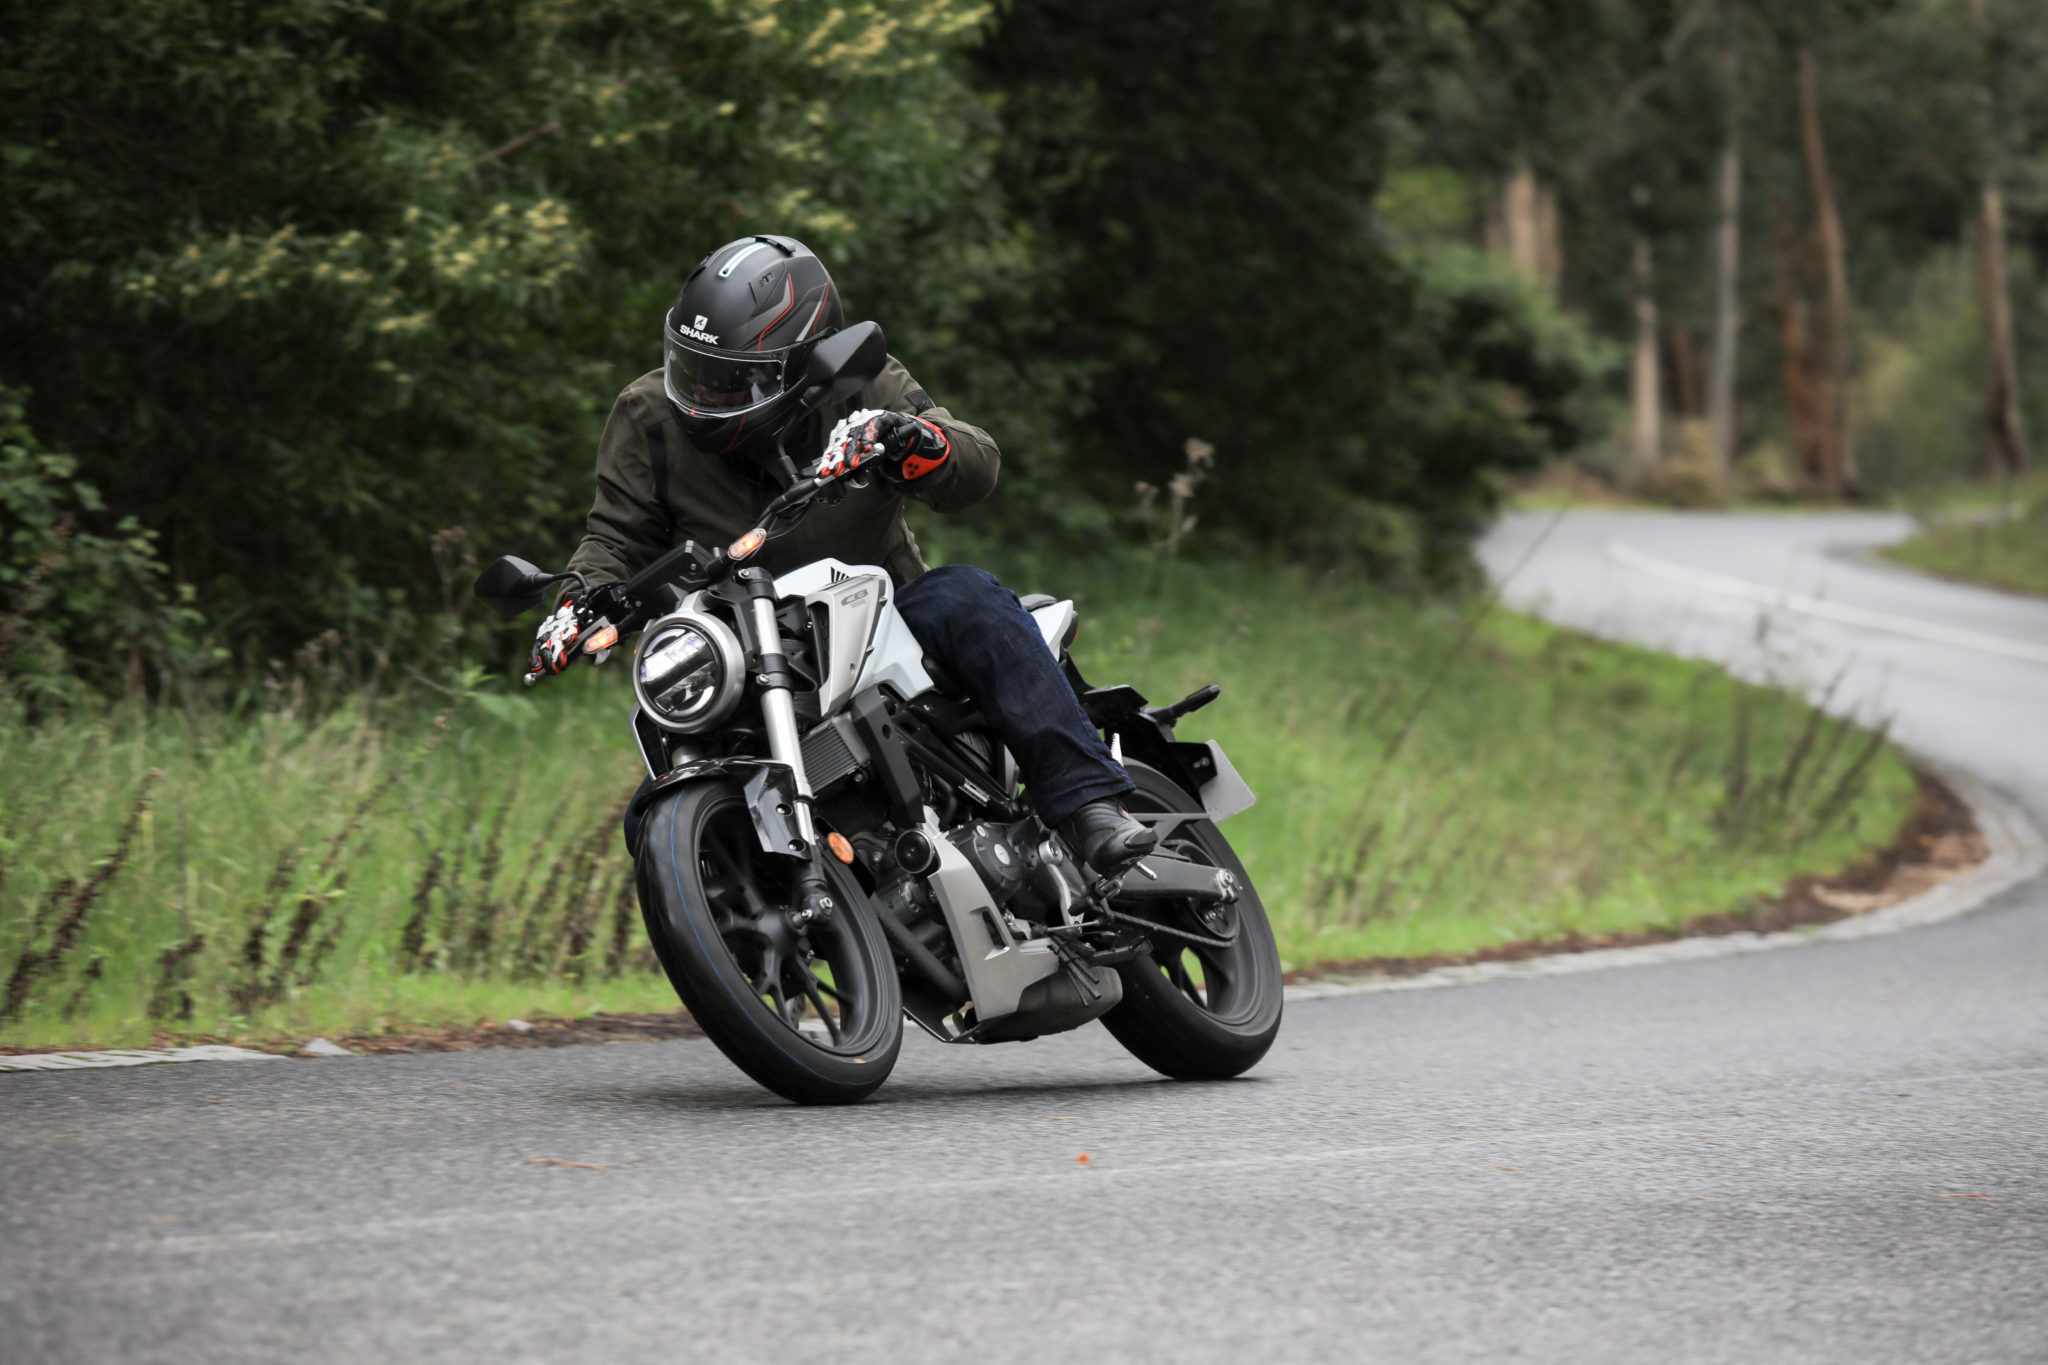 51210_Honda CB125R YM18 5010